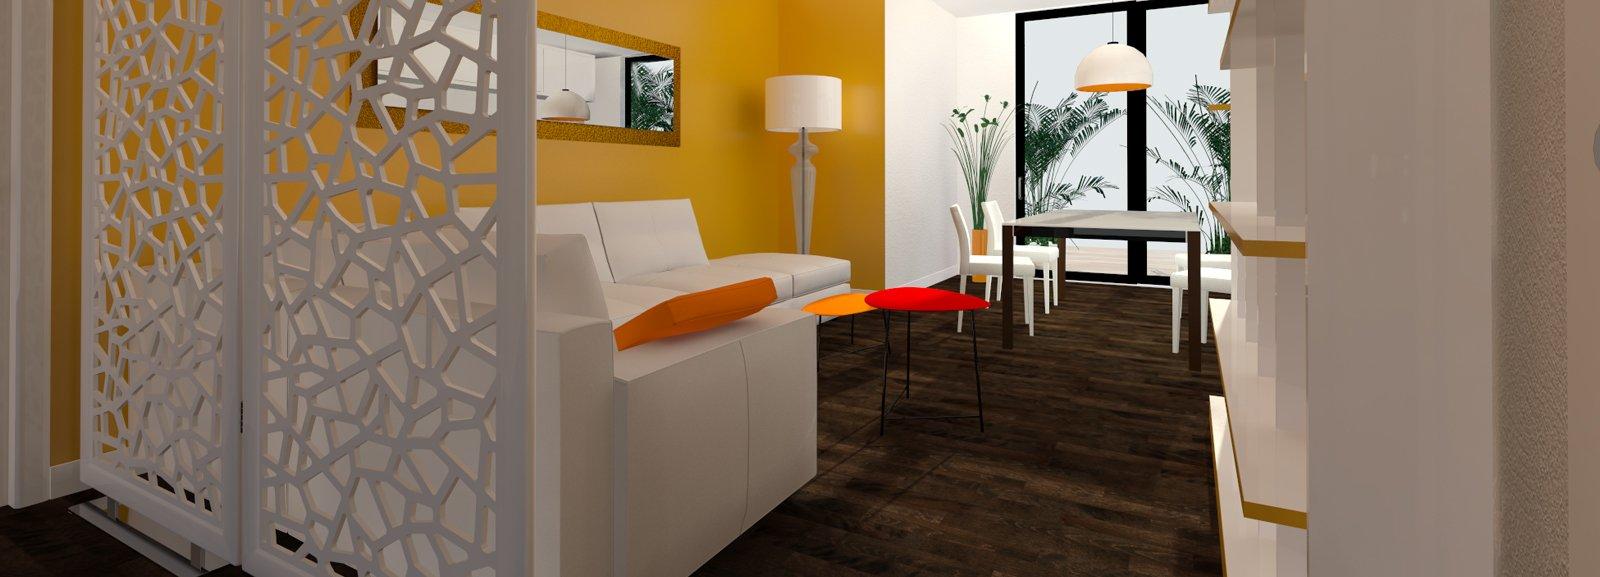 Come dividere ingresso e soggiorno pianta e prospetto in for Decorazione entrata casa